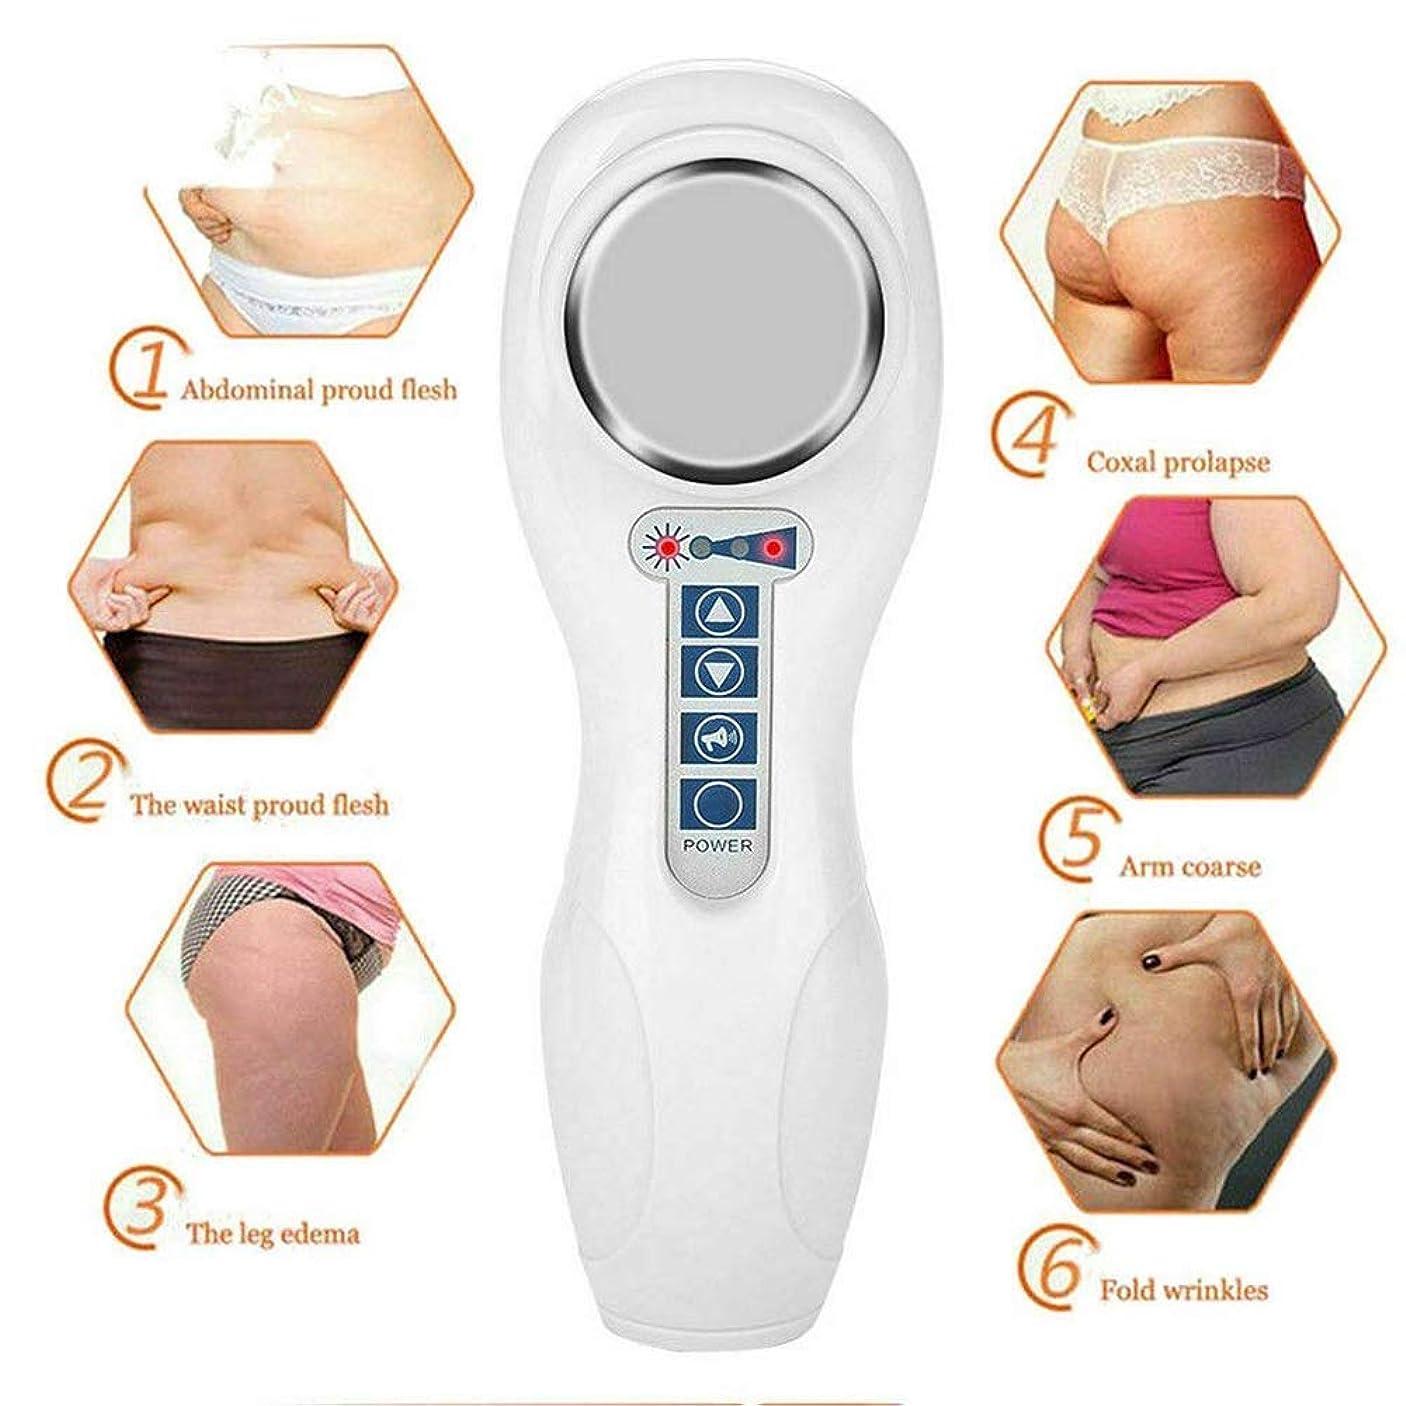 減量マッサージ機 - 振動美容デバイス多機能脂肪除去ツールボディシェーピングフェイシャルスキンケア